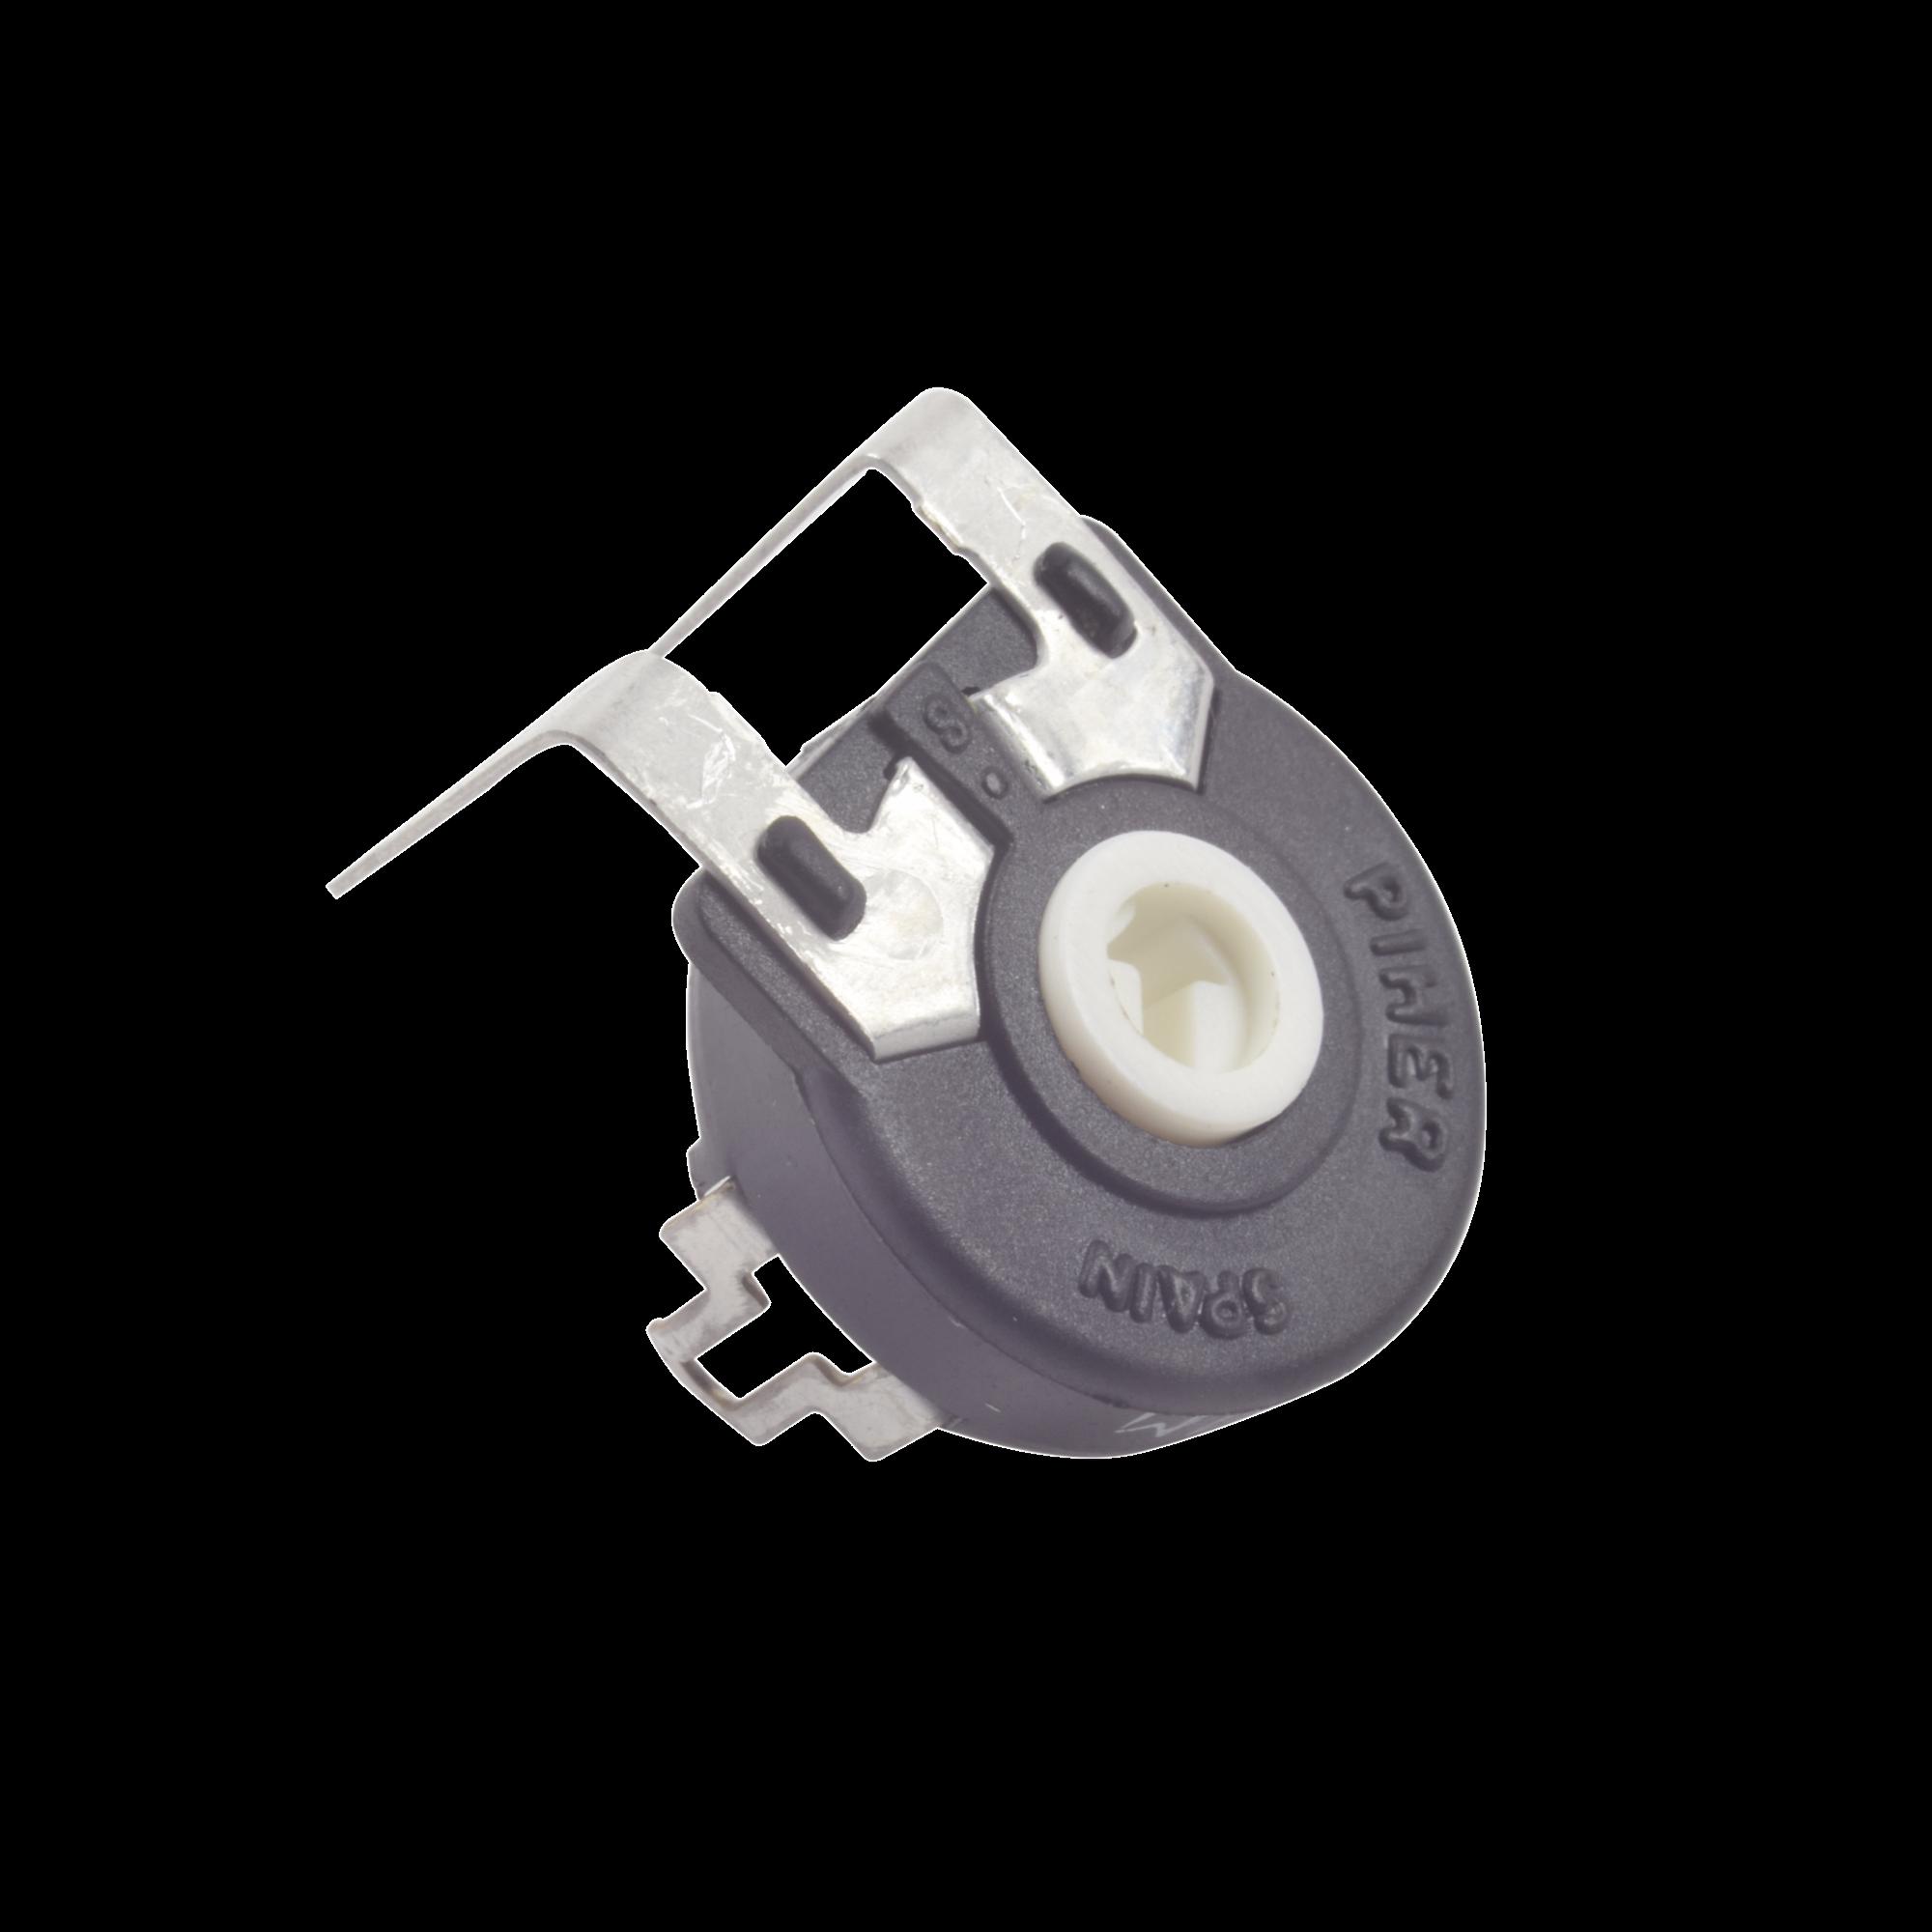 Potenciómetro de Carbón, 2.5 k Ohm, 0.25 Watt, 15 mm, Ajuste Vertical.